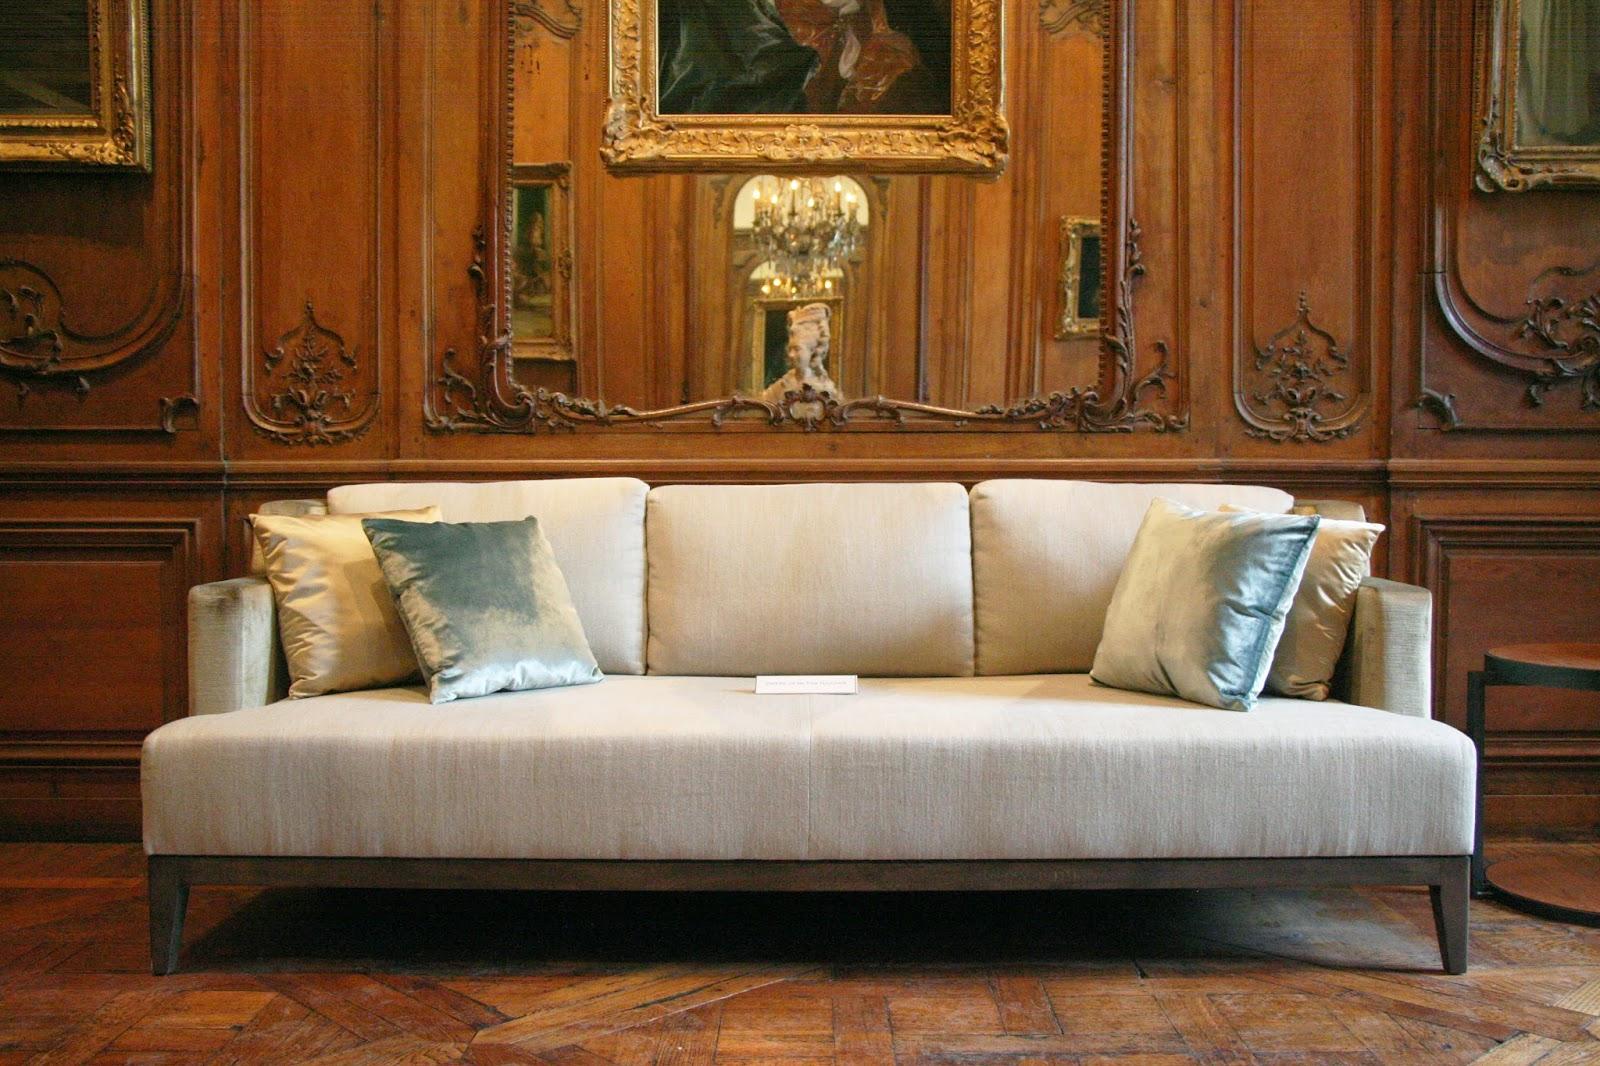 Canapé Roche Bobois Prix Usine Luxe Photographie Canape Poltrone Et sofa Maison Design Wiblia